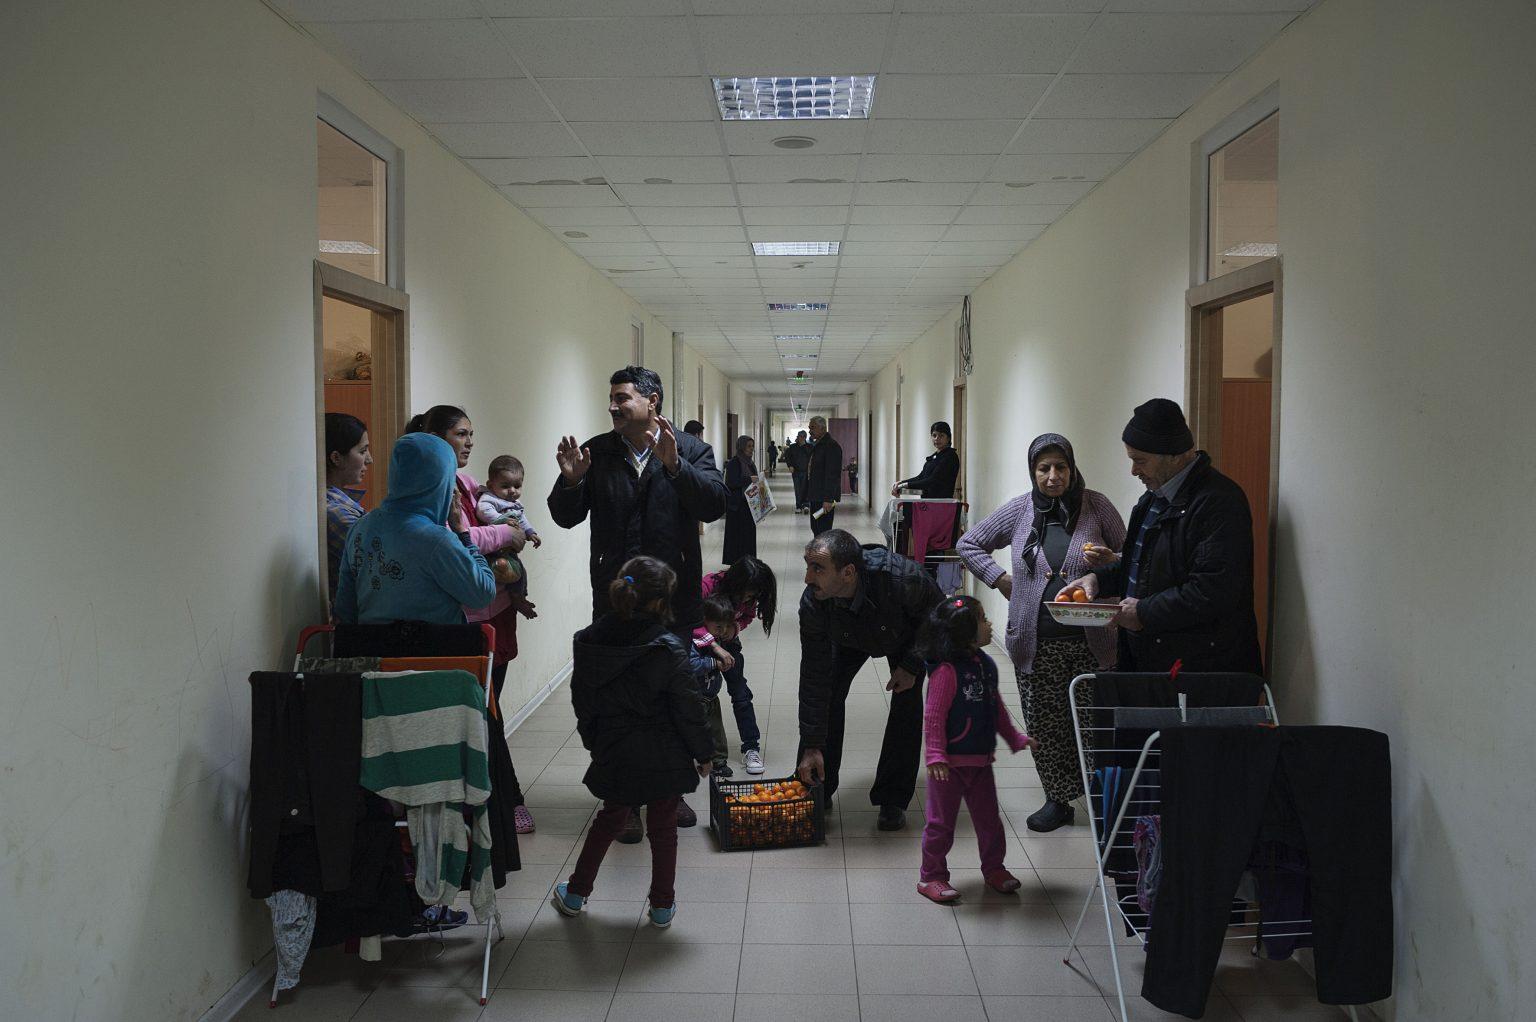 Harmanli, Bulgaria, December 2014 - Fruit distribution in the refugee center managed by the government.    -------         Since 2013 the number of the refugees entered in the country is raised, but Bulgaria is only a transit point for these people, that in great part want to reach northern european countries. Many refugees wait to receive the passport of 3 or 5 years as asylum seeker, but in the first case, this kind of document doesn't allow the person to leave the country.          ><  Harmanli, Bulgaria, dicembre 2014 - Distribuzione di frutta nel centro profughi gestito dal governo.  ------        Dal 2013 il numero dei rifugiati entrati nel paese è aumentato, ma la Bulgaria è solo un punto di transito per queste persone, che in gran parte vogliono raggiungere i paesi del Nord Europa. Molti profughi aspettano per ricevere il passaporto di rifugiato politico di durata di tre o cinque anni. Ma il passaporto di tre anni non permette al profugo di lasciare la nazione.  *** Local Caption *** 00557592